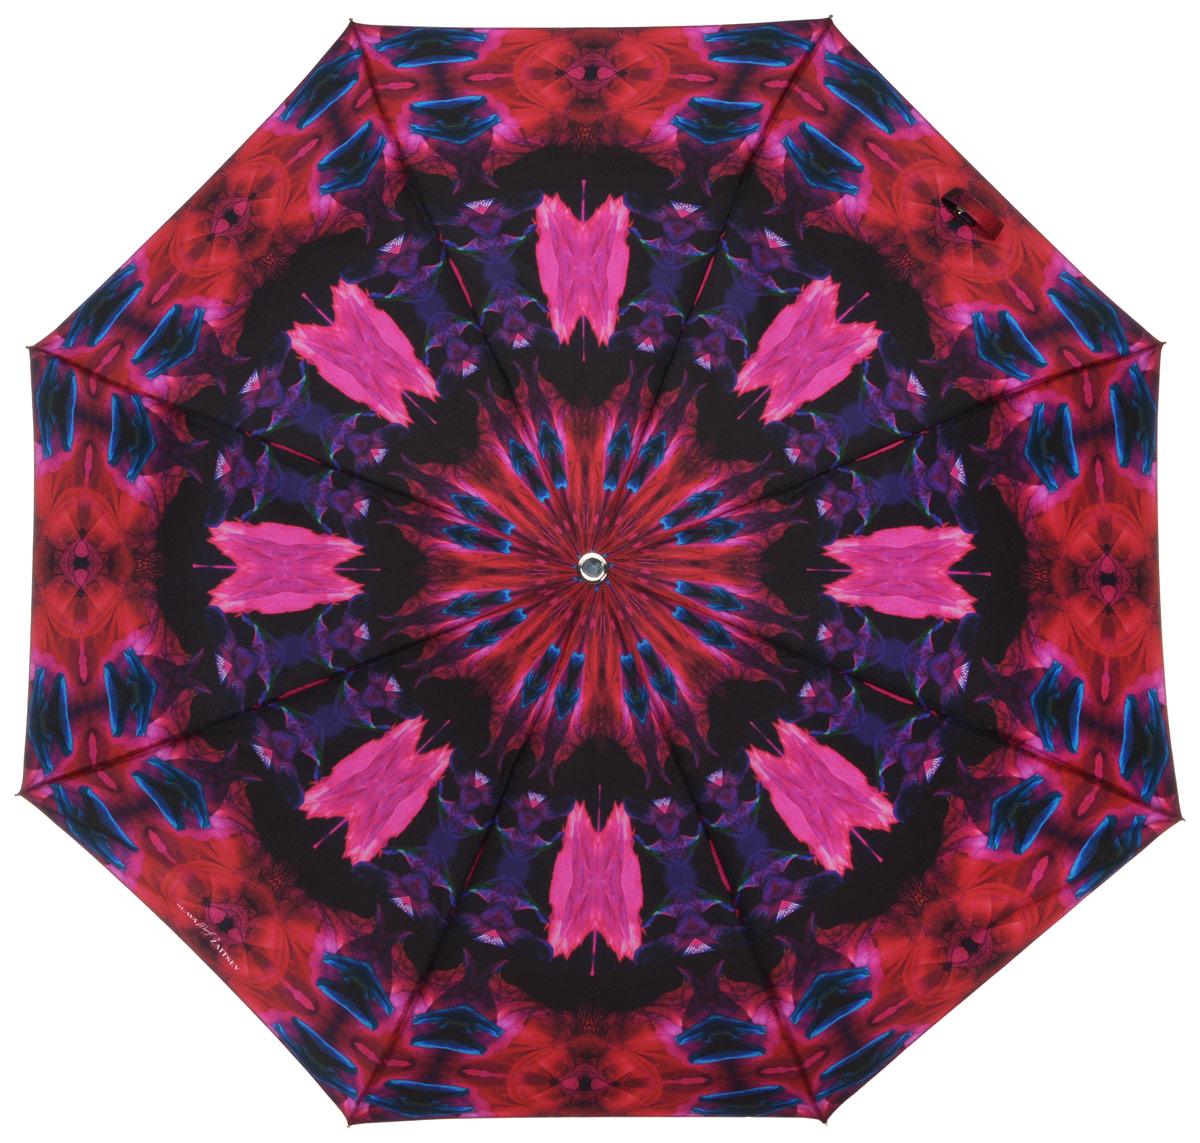 Зонт женский Slava Zaitsev, автомат, 3 сложения, цвет: ярко-розовый, фиолетовый. fksq 048/1048/1 midi SZДизайнерский женский зонт от Славы Зайцева не оставит вас без внимания. Зонт оформлен оригинальной художественной печатью. Купол зонта выполнен из качественного полиэстера, который не позволит вам намокнуть. Спицы и стержень выполнены из алюминия с элементами пластика. Зонт дополнен удобной пластиковой ручкой, которая дополнена петлей, благодаря которой зонт можно носить на запястье. На ручке вставка с названием бренда. Зонт имеет автоматический механизм сложения: купол открывается и закрывается нажатием кнопки на ручке, стержень складывается вручную до характерного щелчка, благодаря чему открыть и закрыть зонт можно одной рукой. К зонту прилагается чехол. Стильный и практичный аксессуар даже в ненастную погоду позволит вам оставаться яркой и неотразимой.